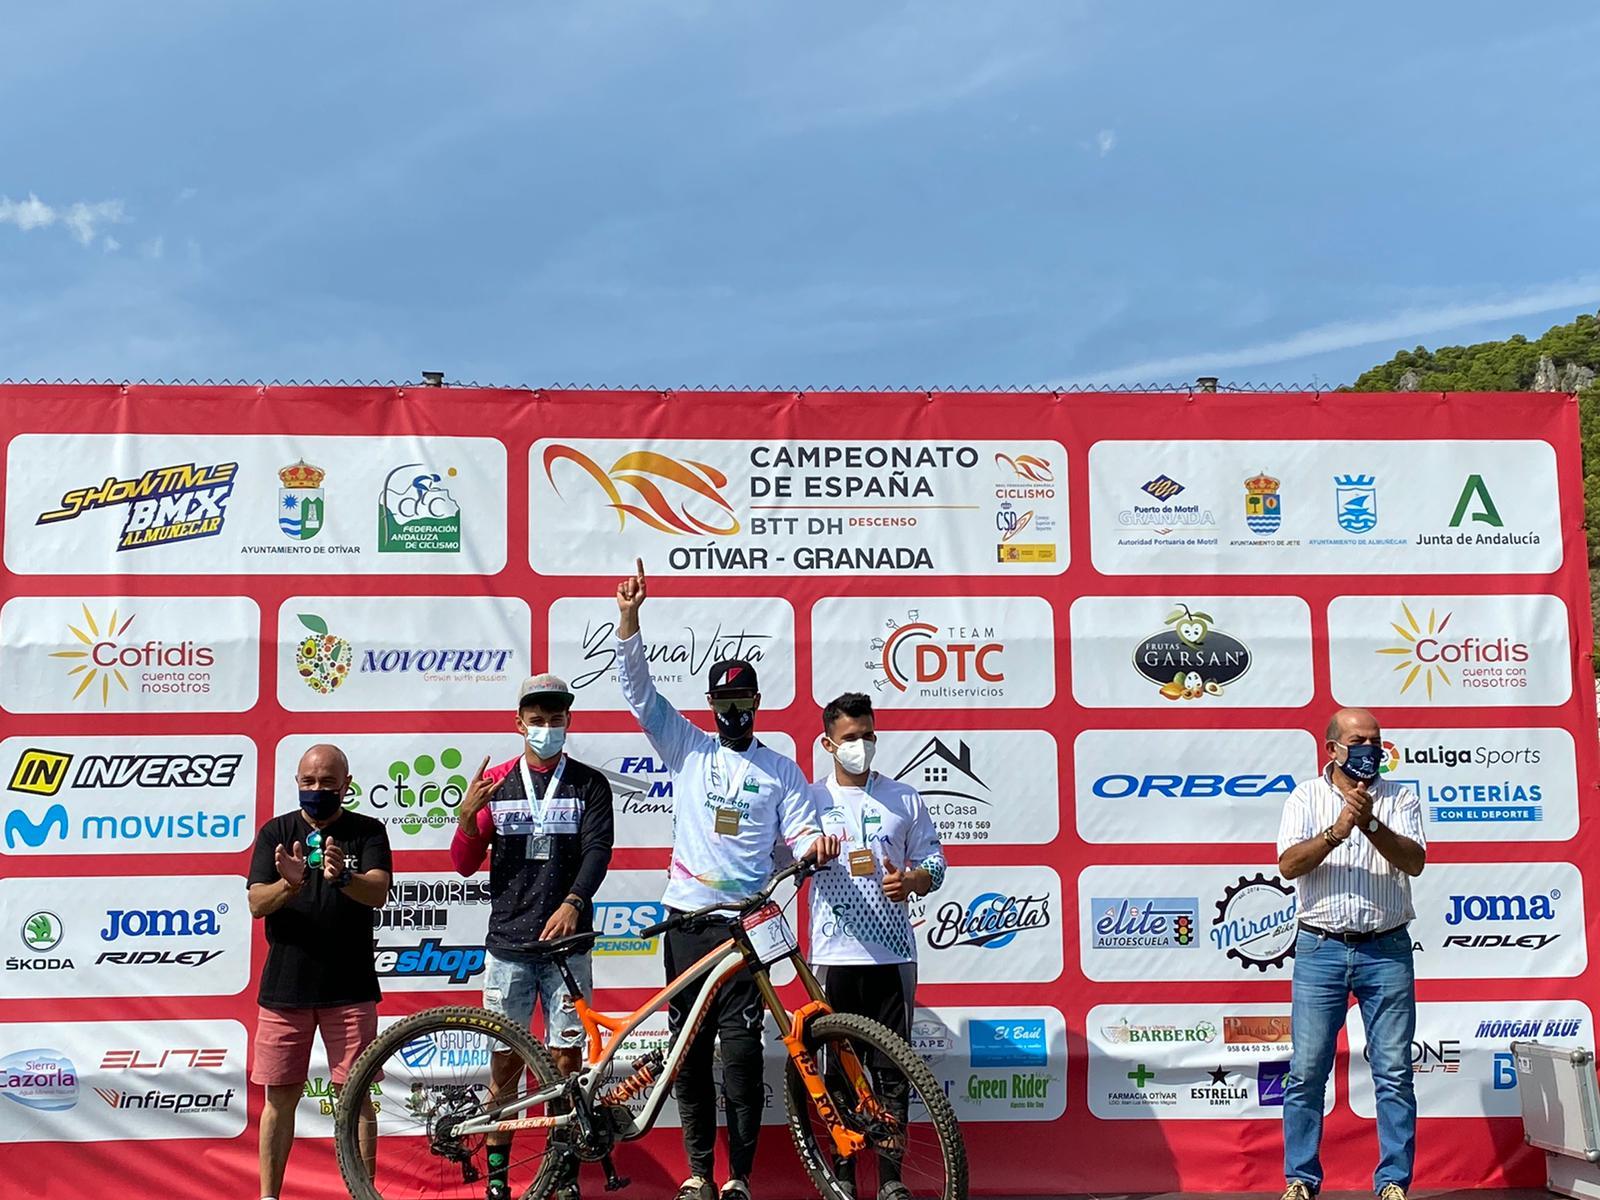 Ángel Suárez y Telma Torregrosa, campeones de España de BTT DHI en Otívar